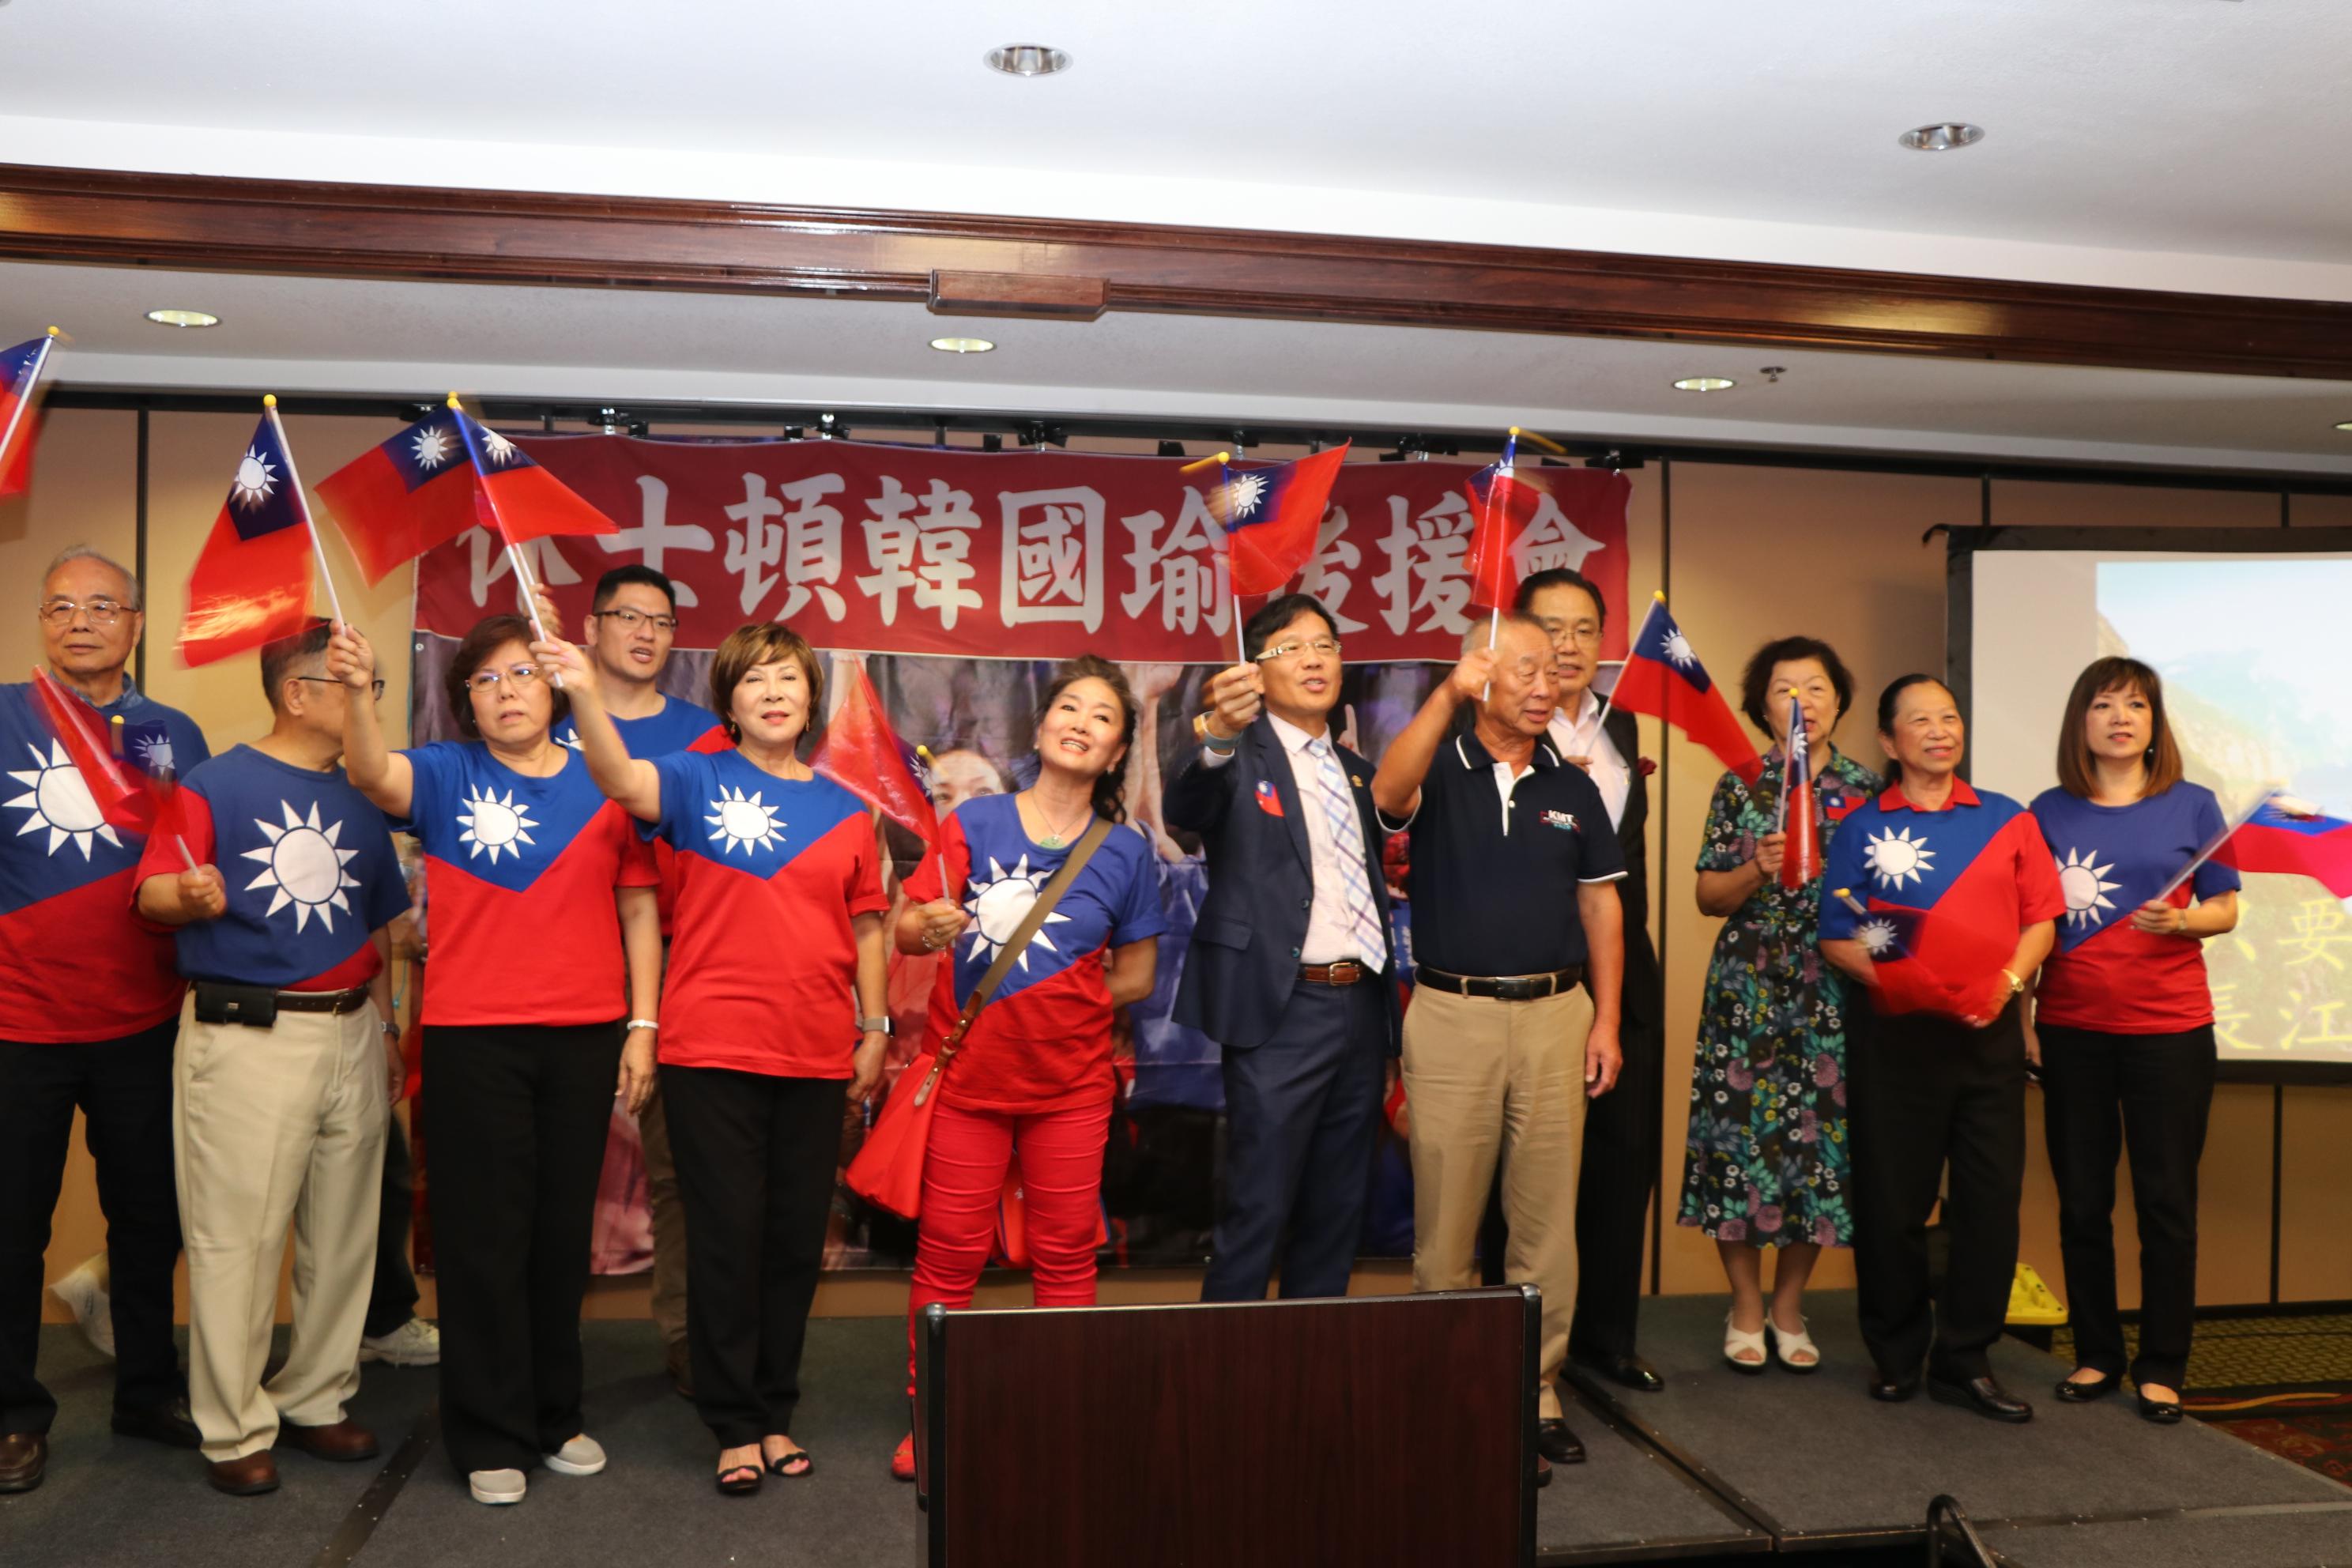 所有韓國瑜後援會召集人上台與僑胞一起揮舞國旗。